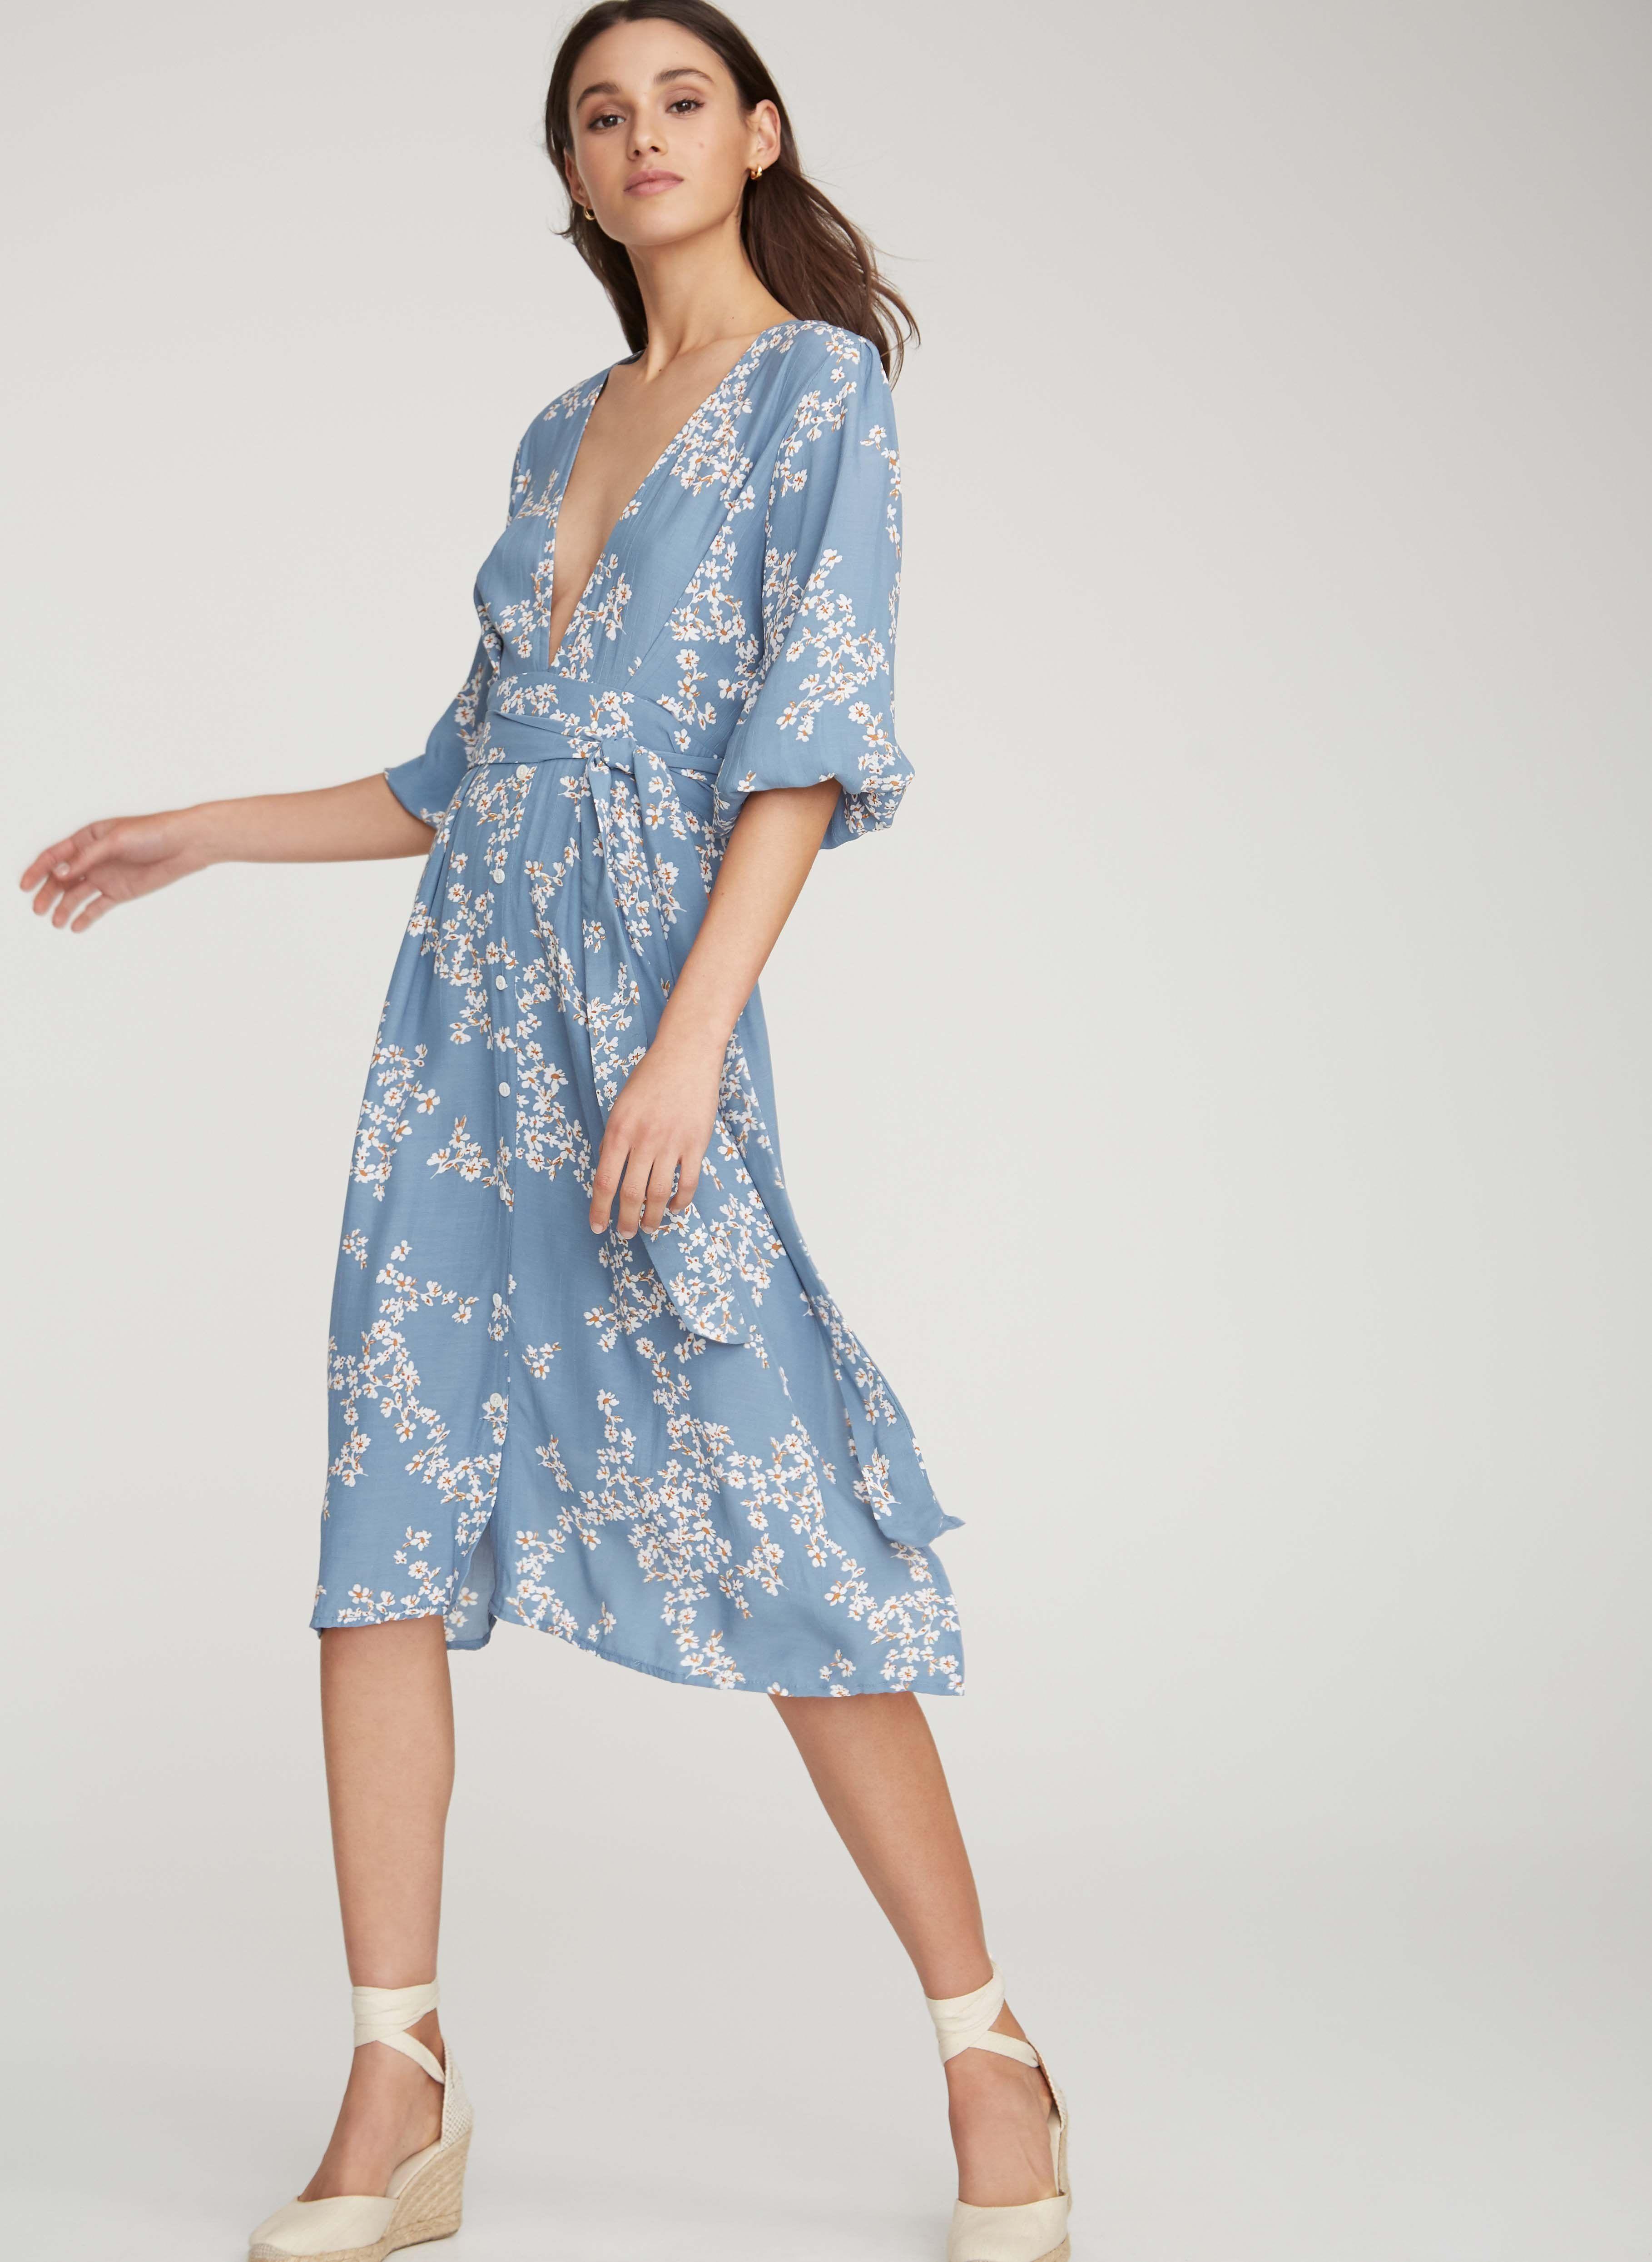 a0b263b61f9 Cap estel floral print - cornflower blue - chloe midi dress